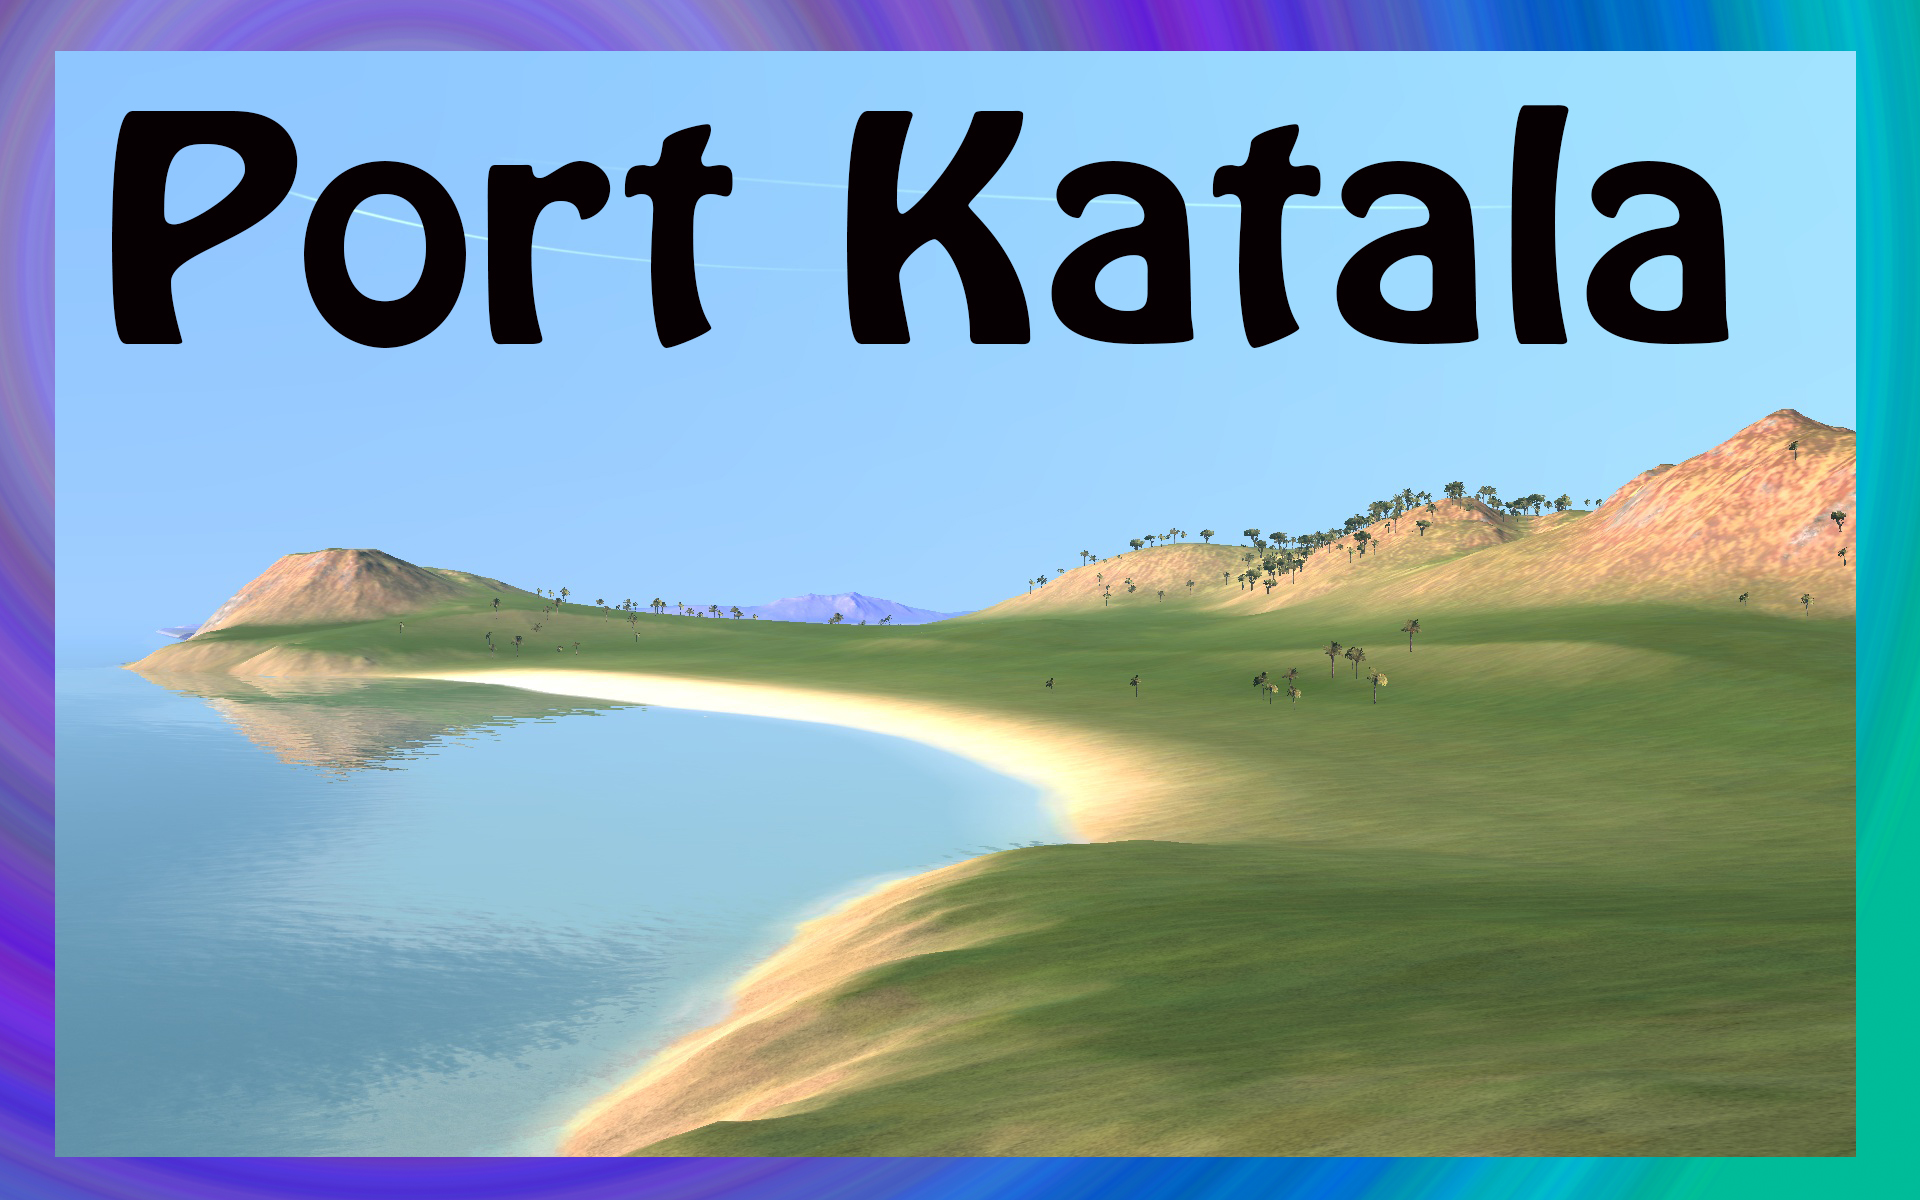 PortKatala02.jpg